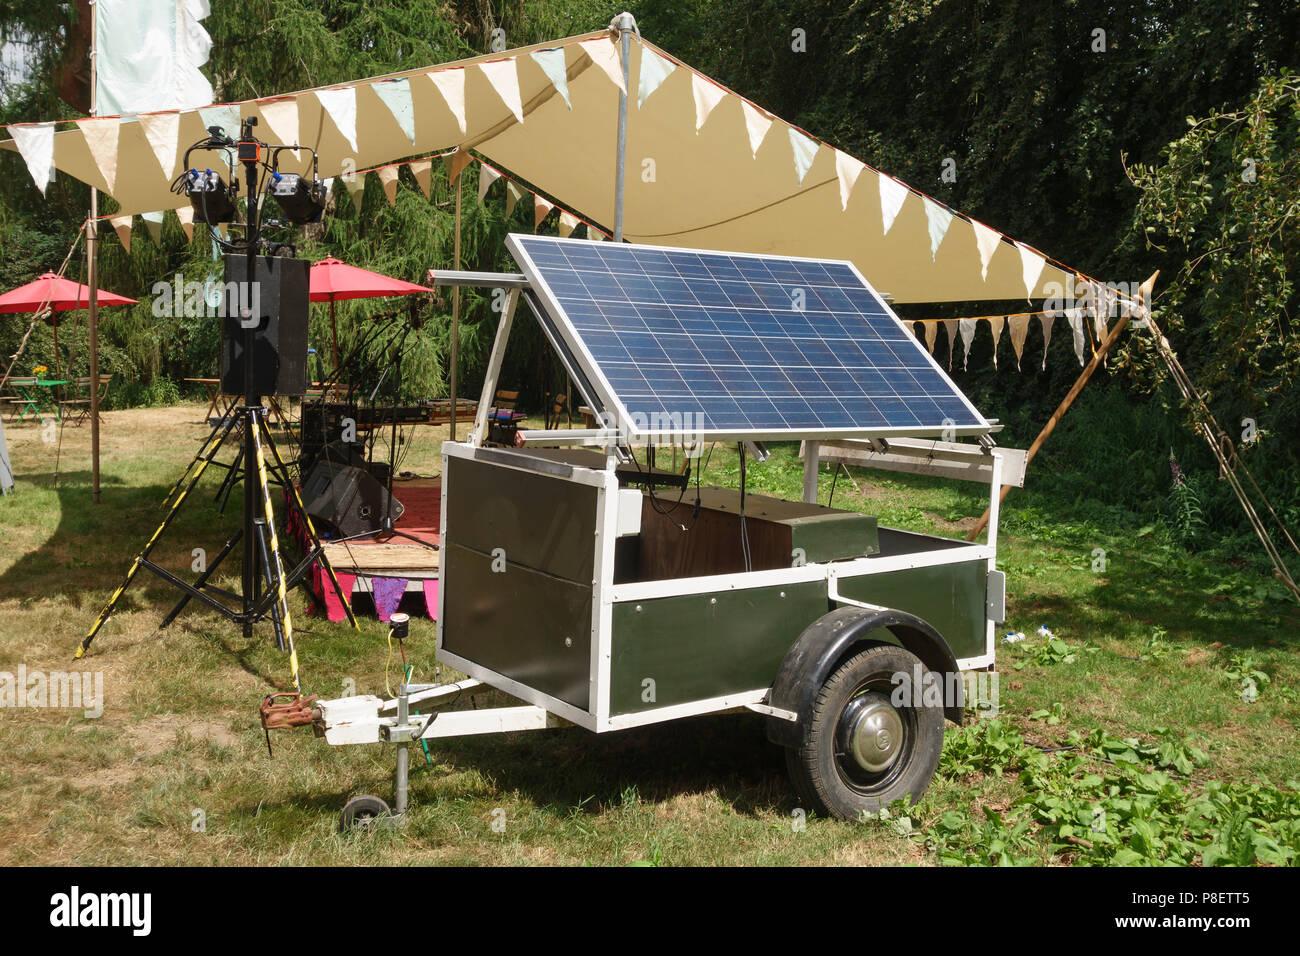 UK. Eine tragbare Solar-powered Generator bietet kostenlose Leistung an einem Open Air Festival im Sommer Stockbild